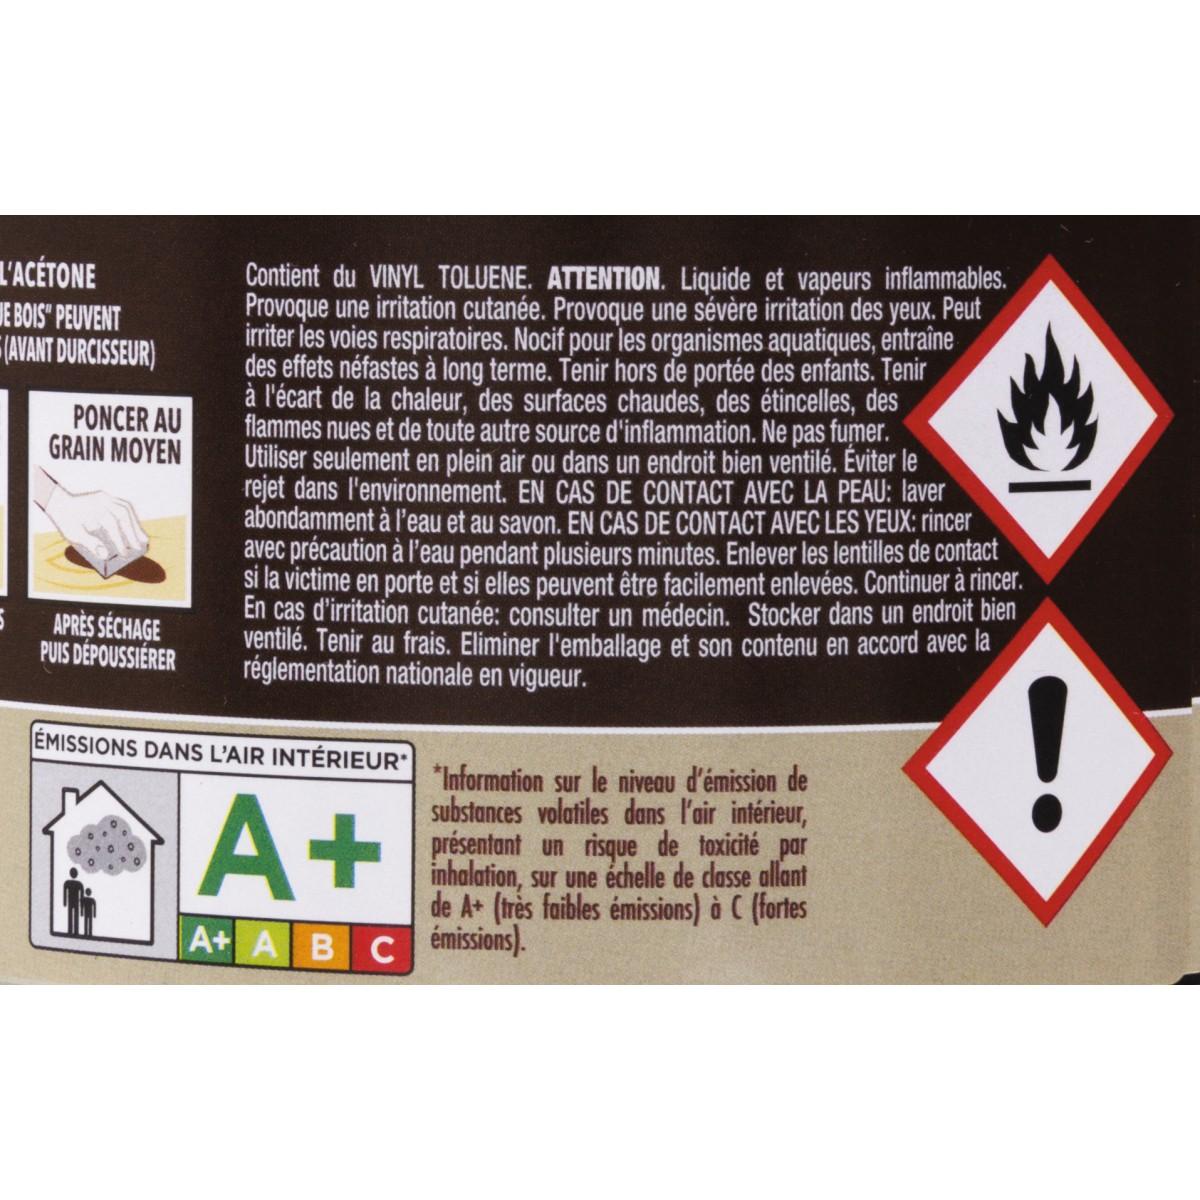 Sintobois mastic à bois avec durcisseur Sinto - Boîte 500 ml / 550 g - Sapin